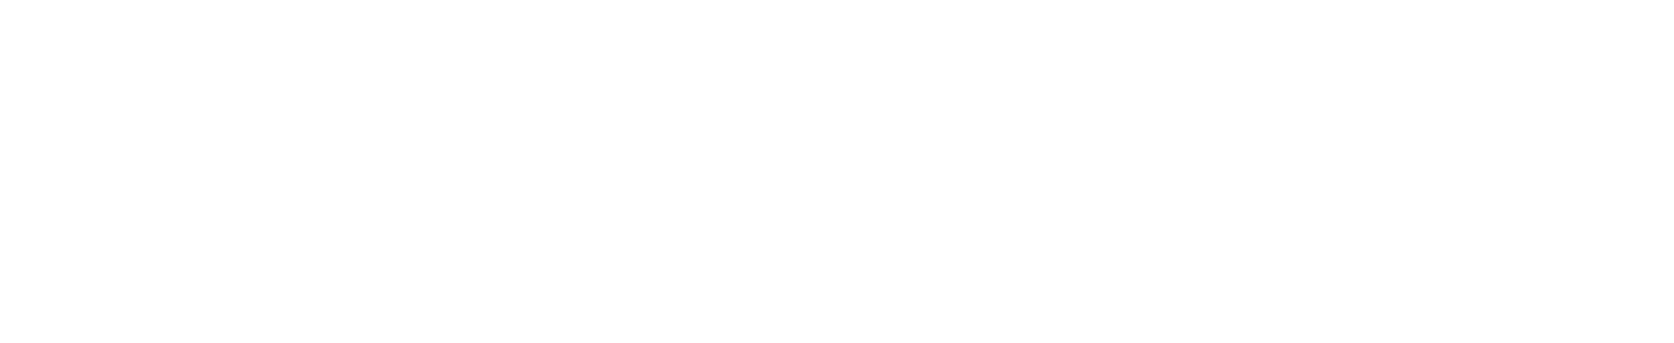 防犯カメラ解析による万引き防止AI「VAAKEYE(バークアイ)」